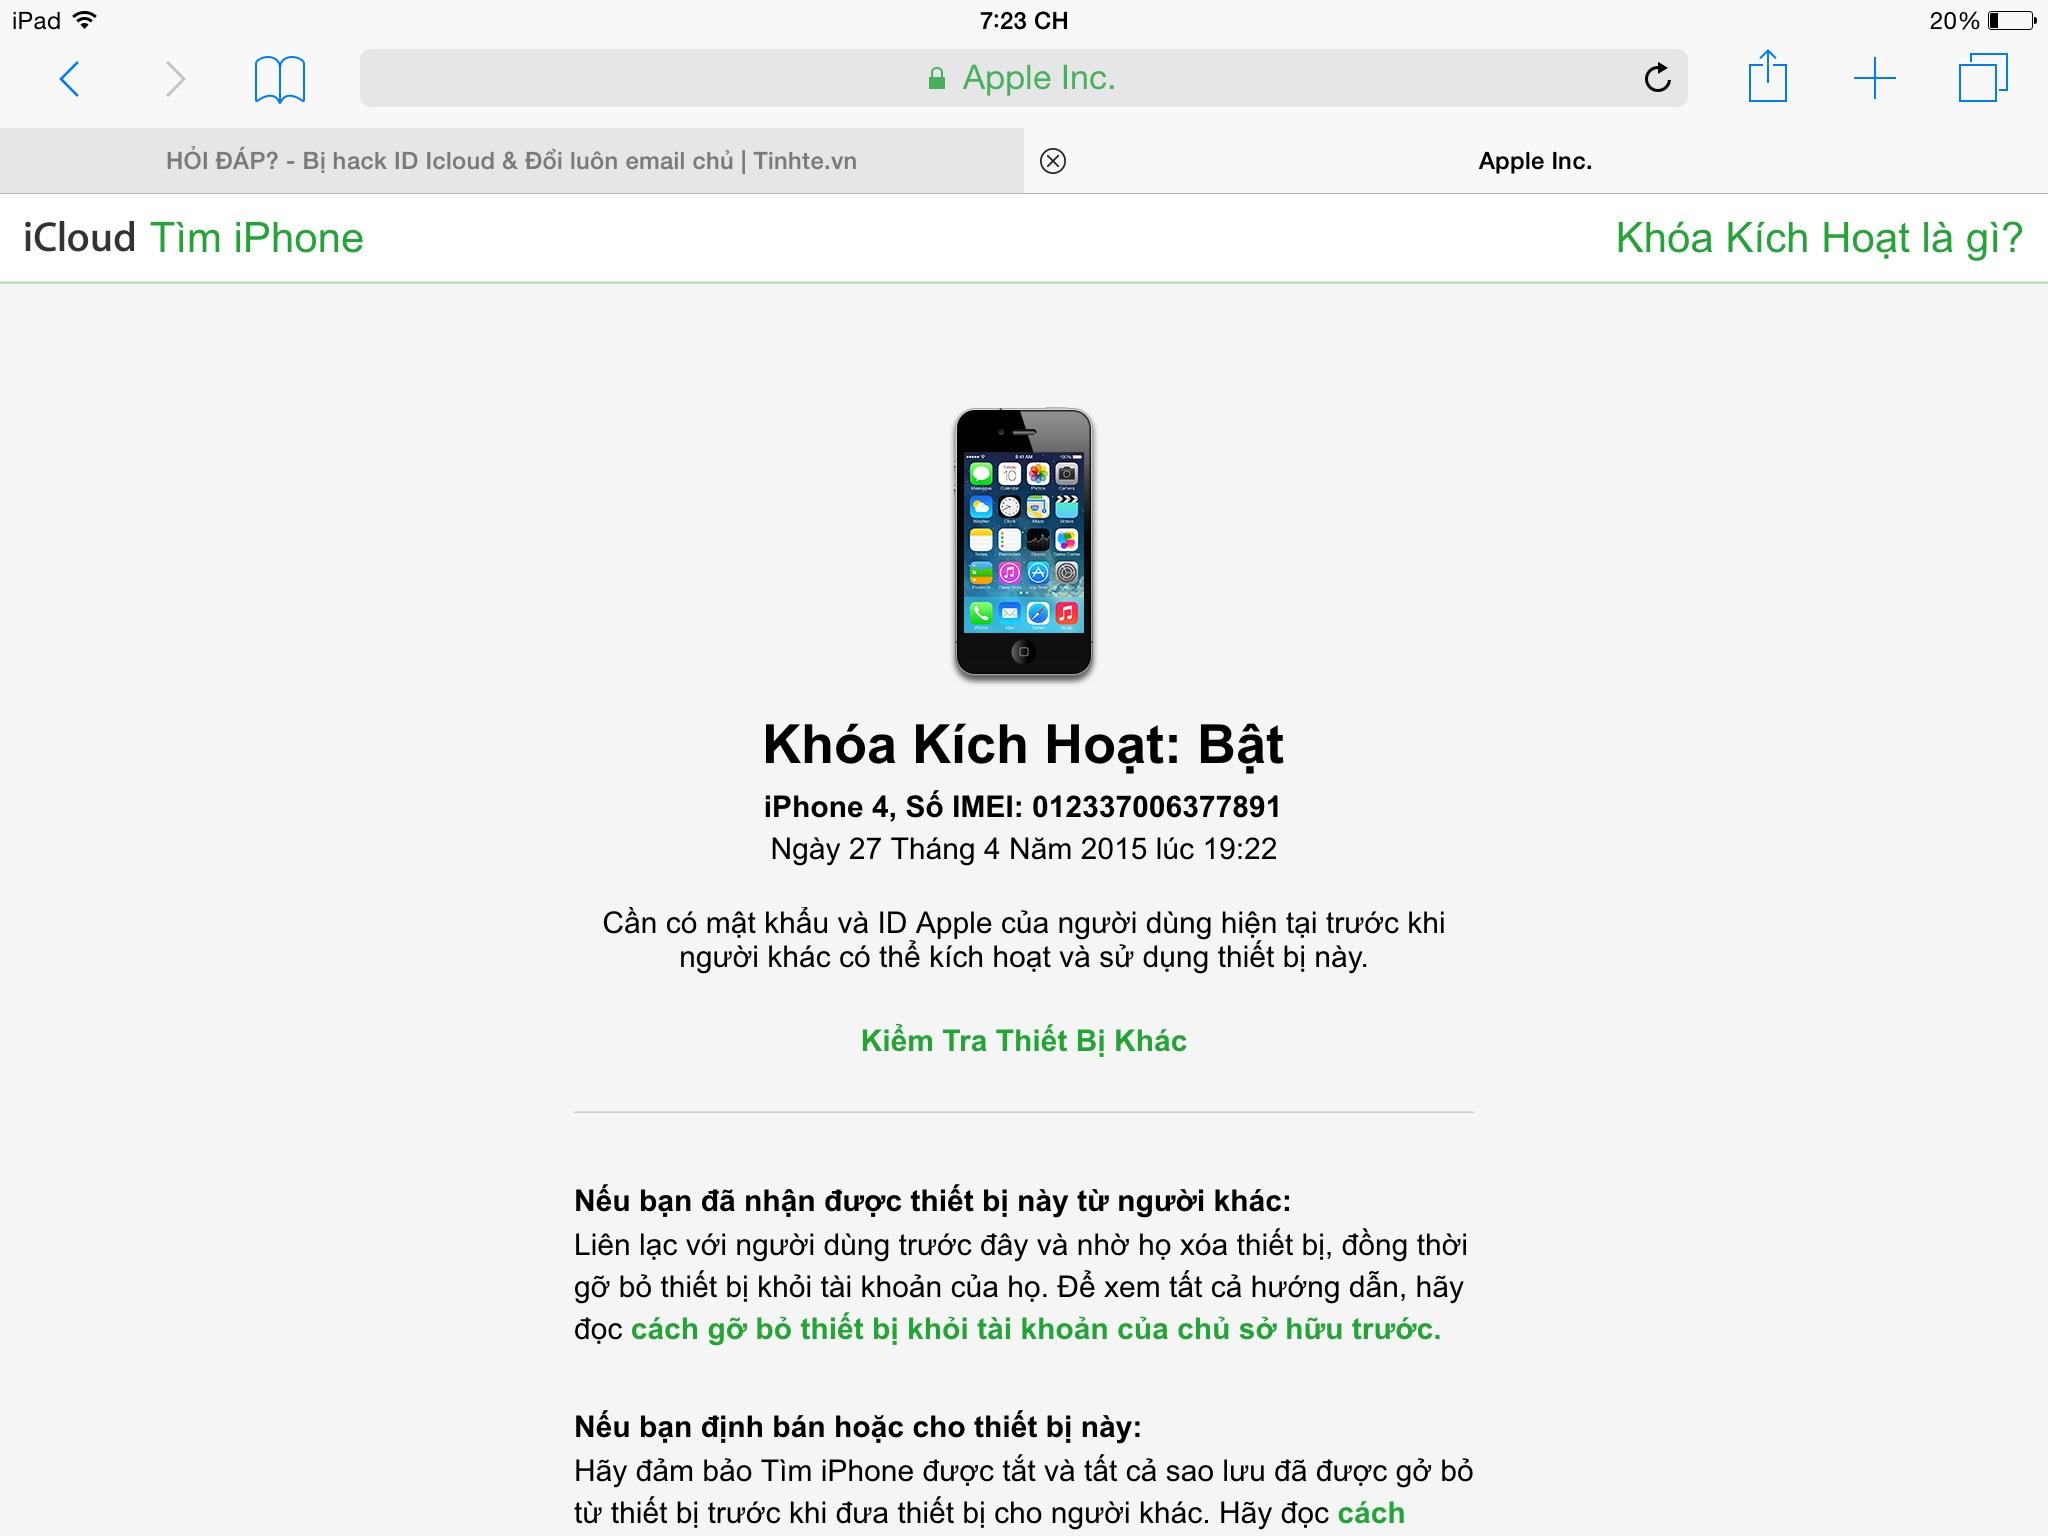 Bị Hack Id Icloud đổi Luon Email Chủ Tinh Tế